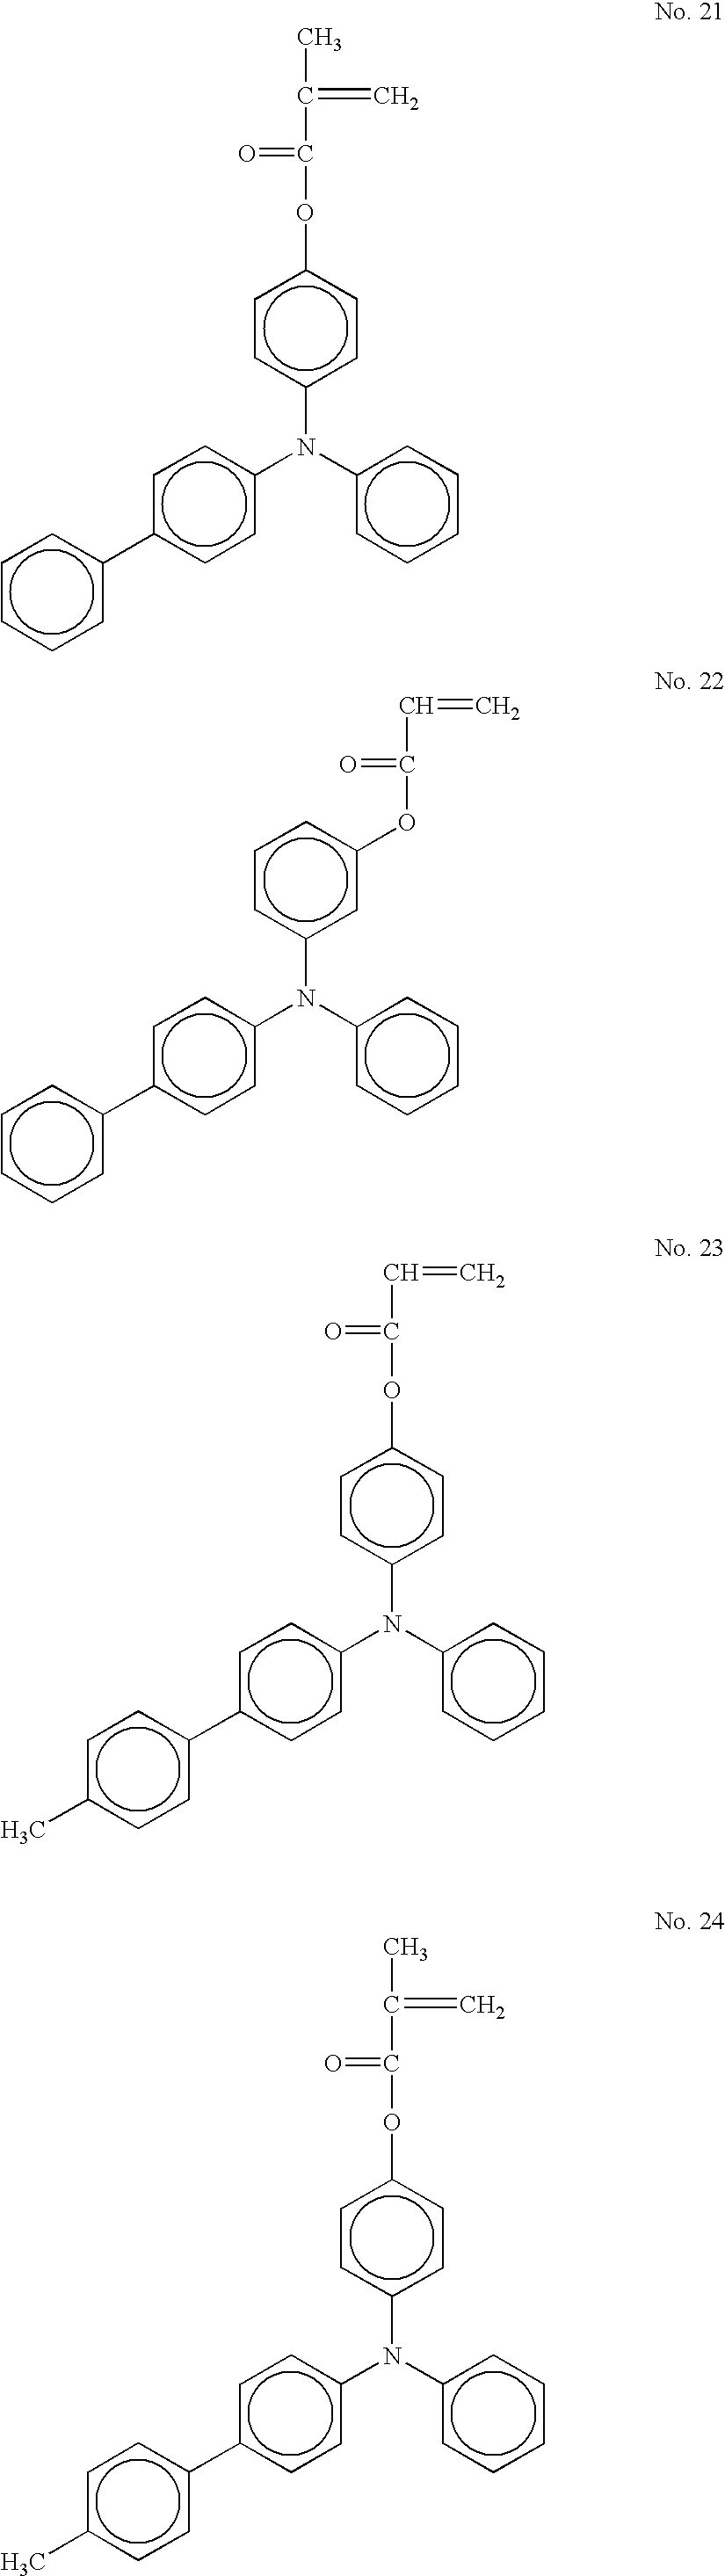 Figure US07390600-20080624-C00011